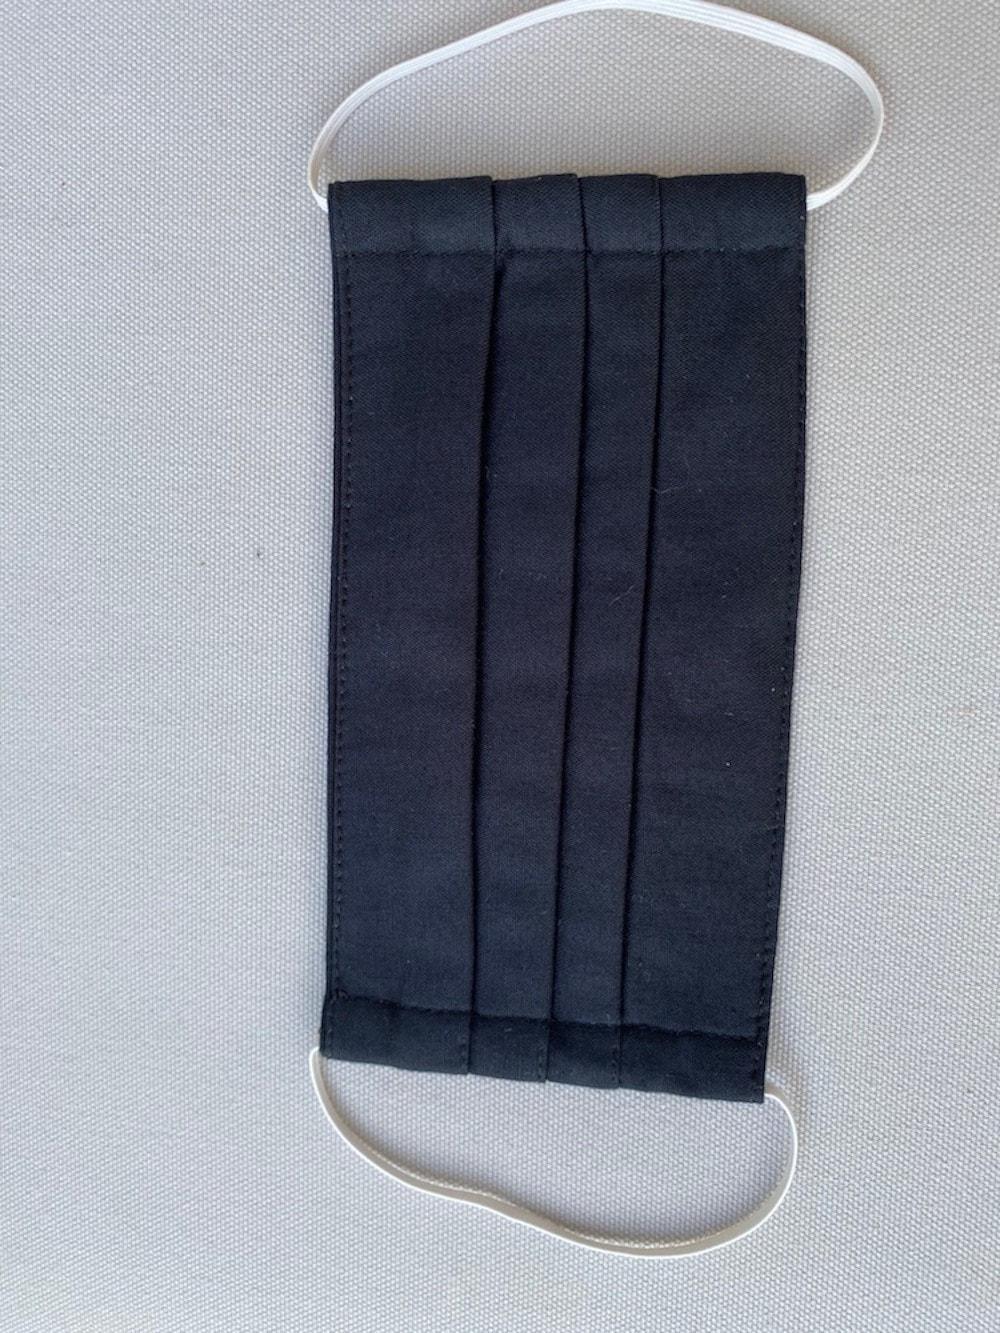 Masque Barrière Navy (lot de 5 masques)- Taille Adulte